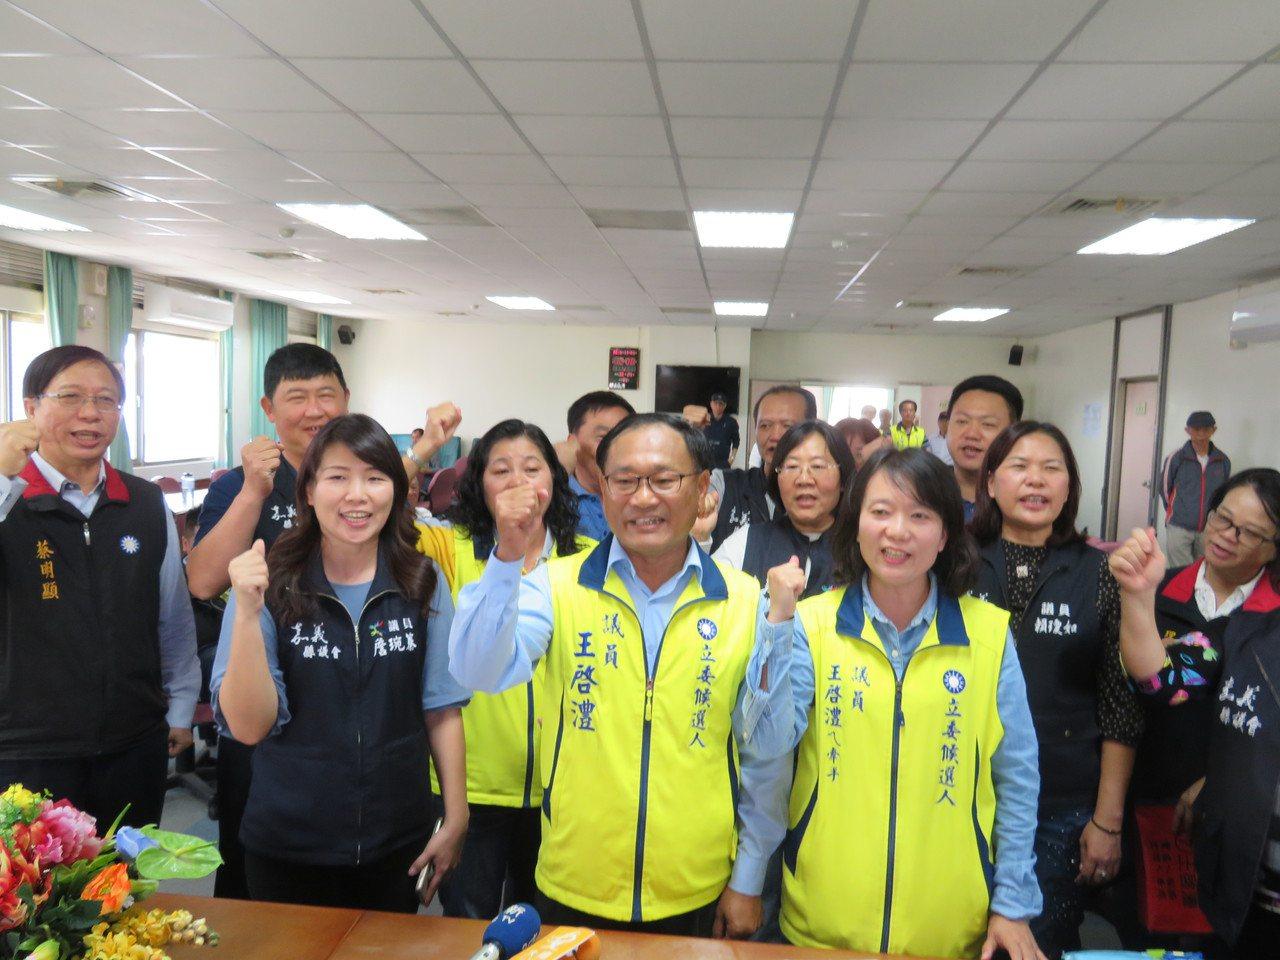 國民黨立委參選人王啟澧(右二)。圖/聯合報資料照片